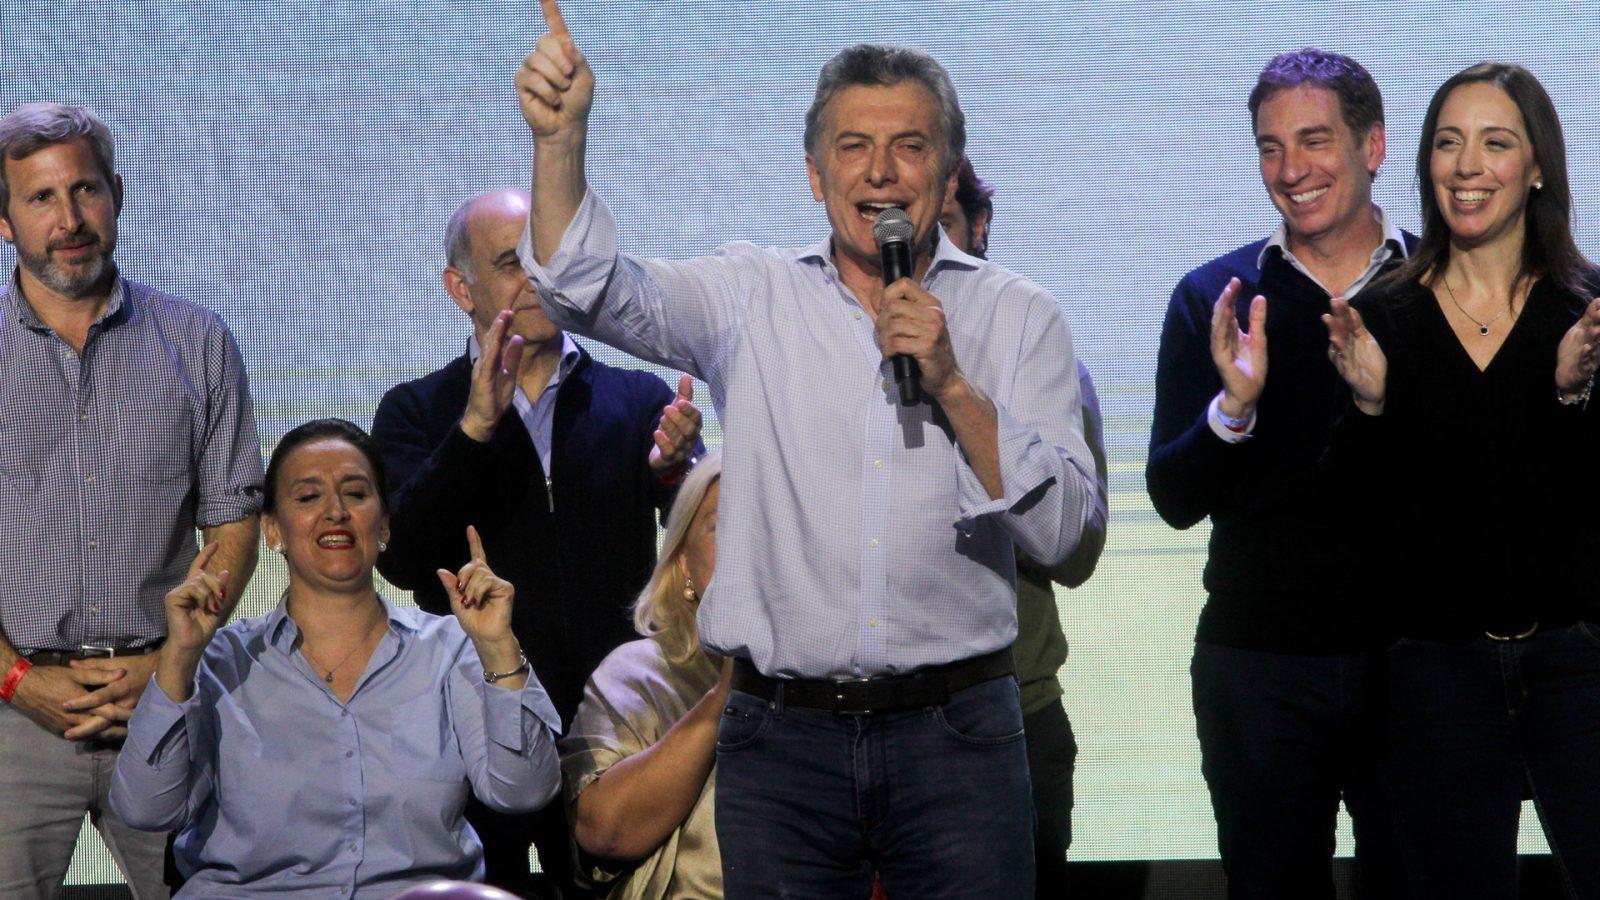 Macri triunfa en las primarias en Argentina